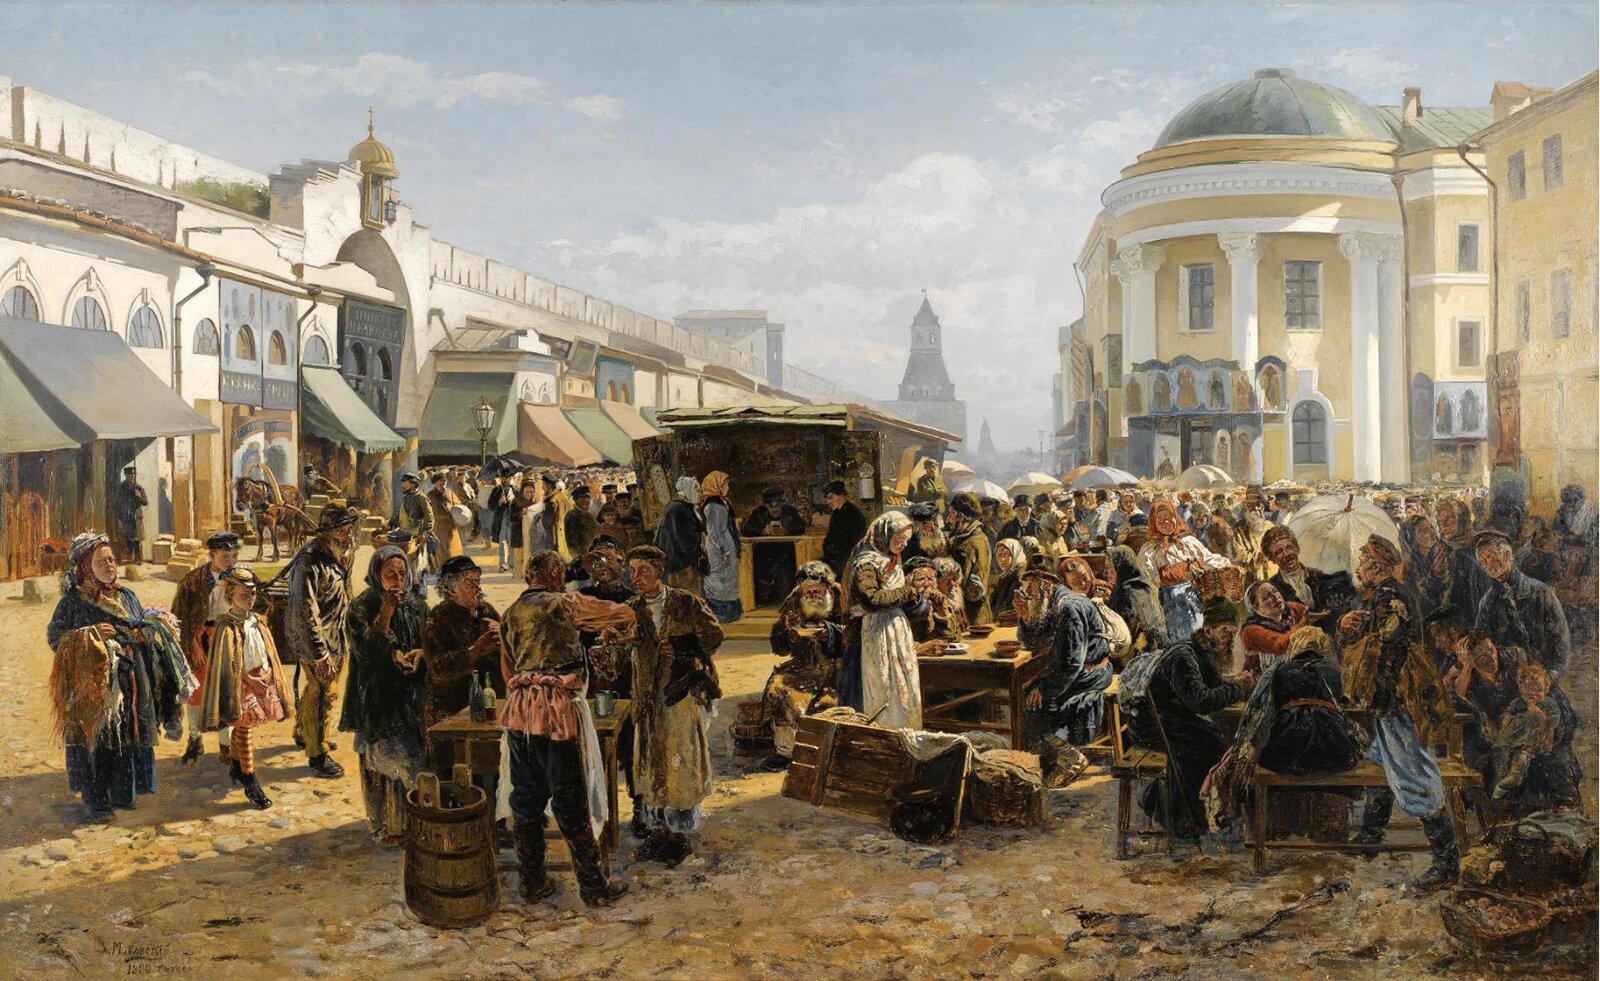 В. Маковский. Толкучий рынок в Москве. 1879–1880 годы